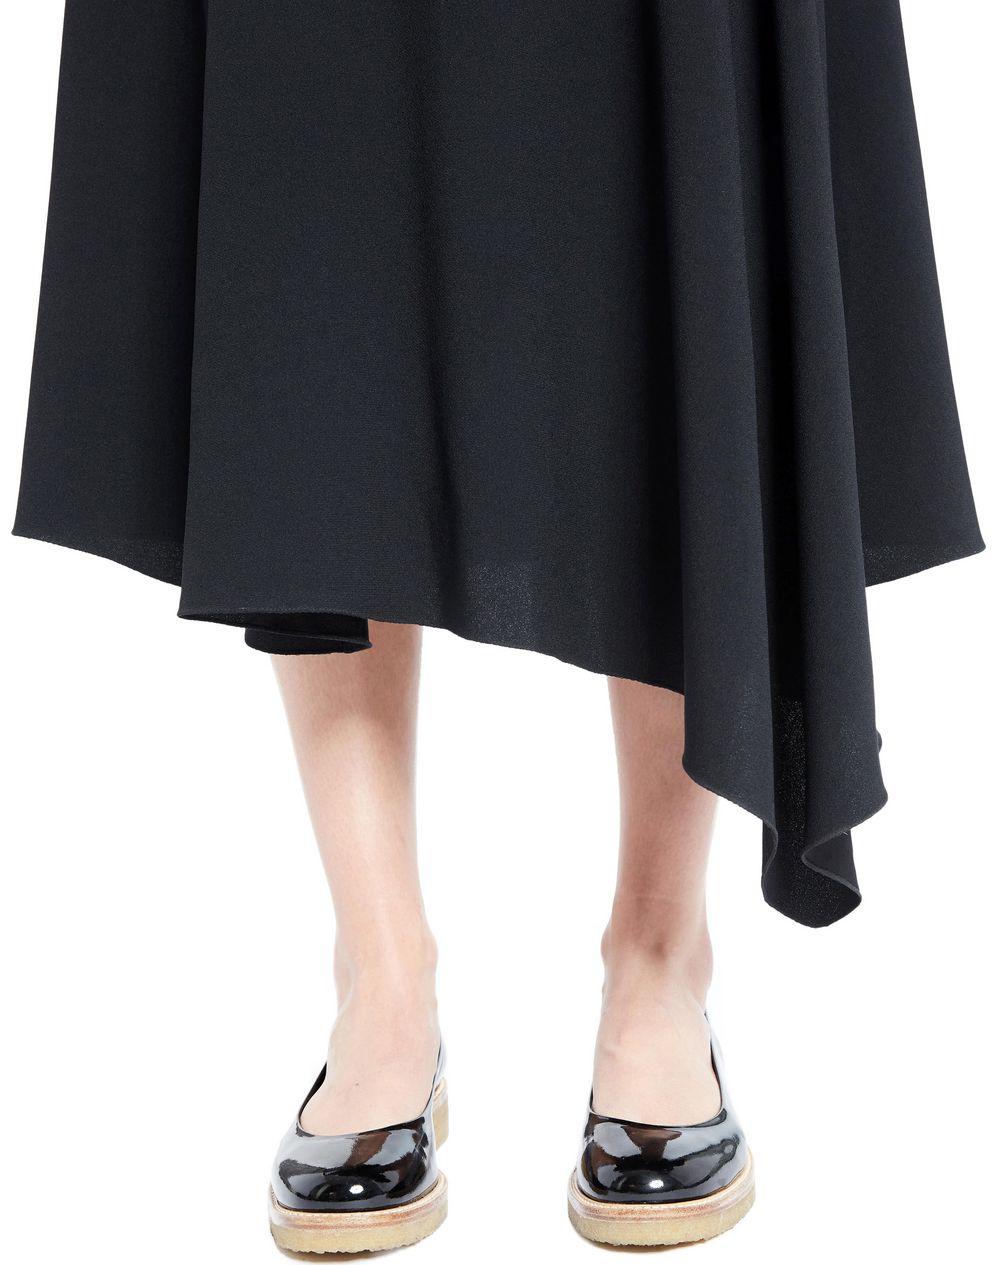 SATIN CRÊPE DRESS - Lanvin